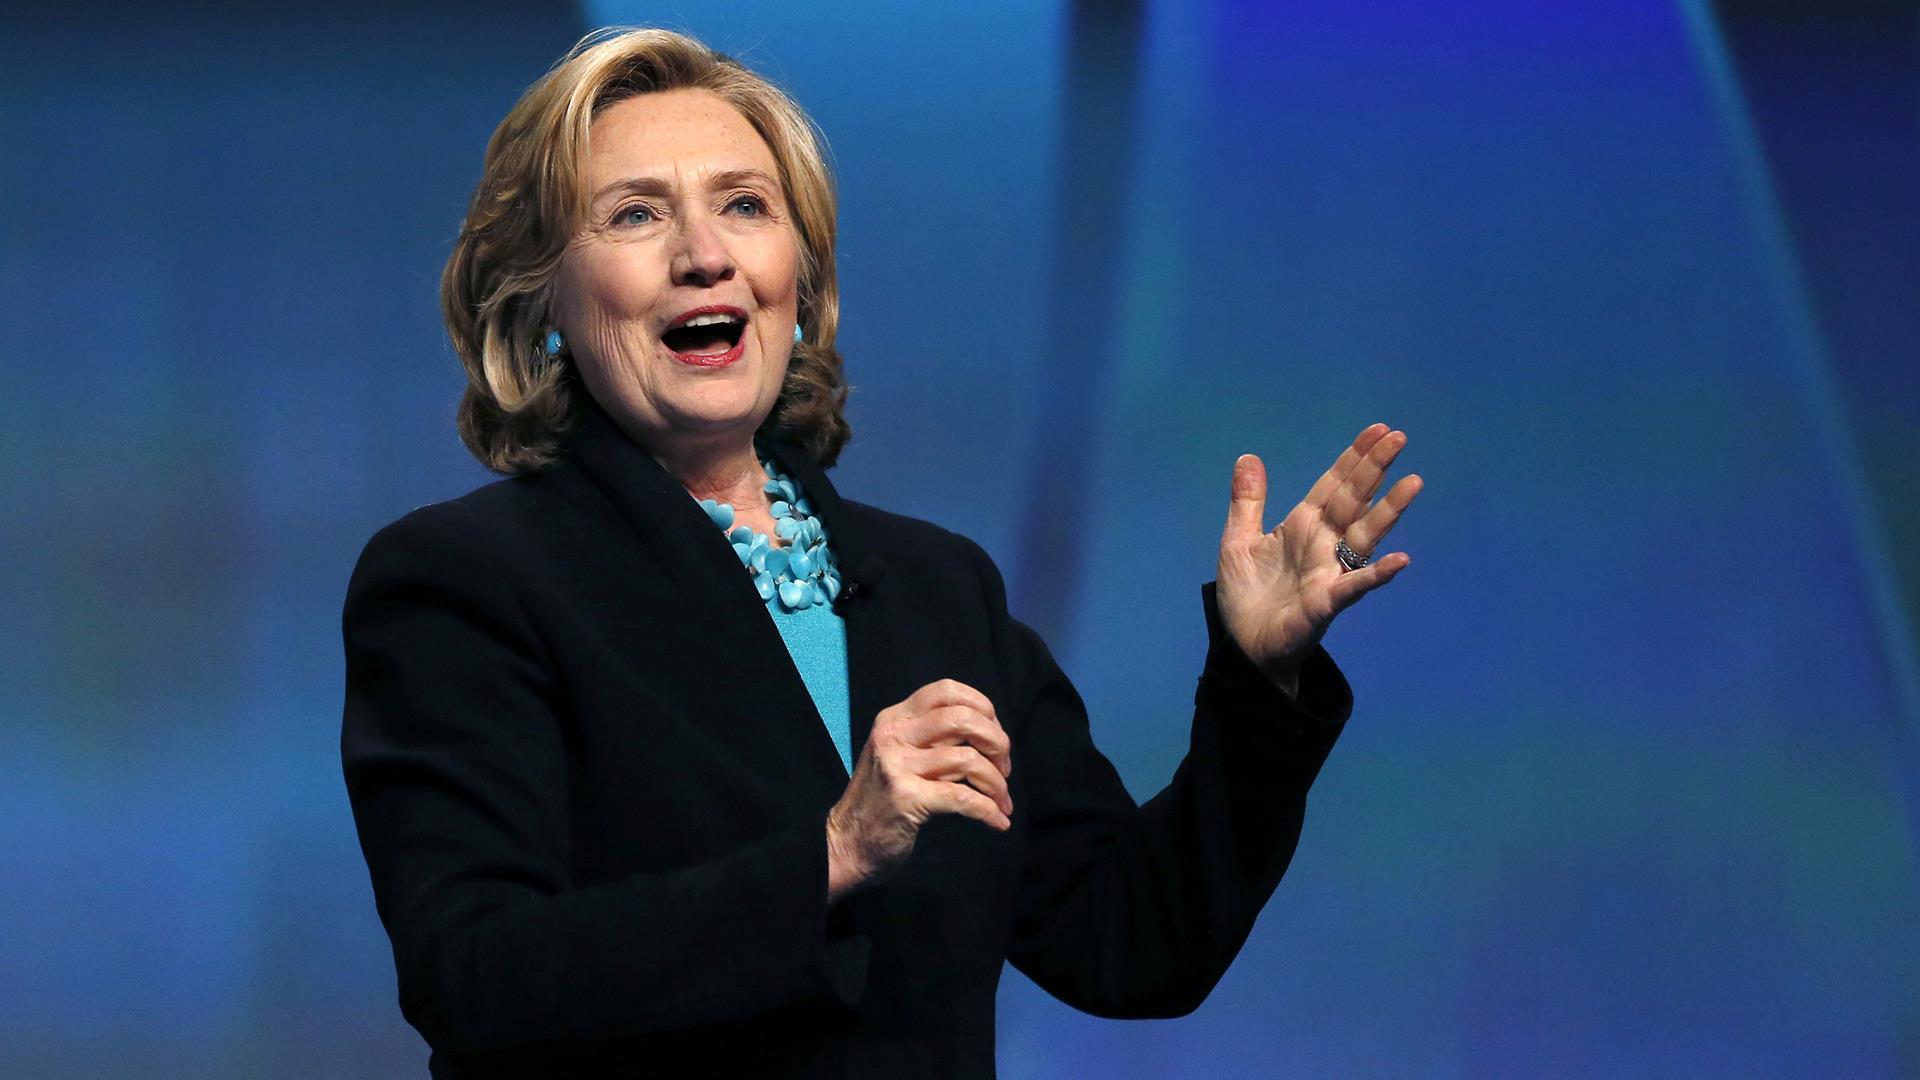 LIVE VIDEO: HRC/Clinton Global Initiative